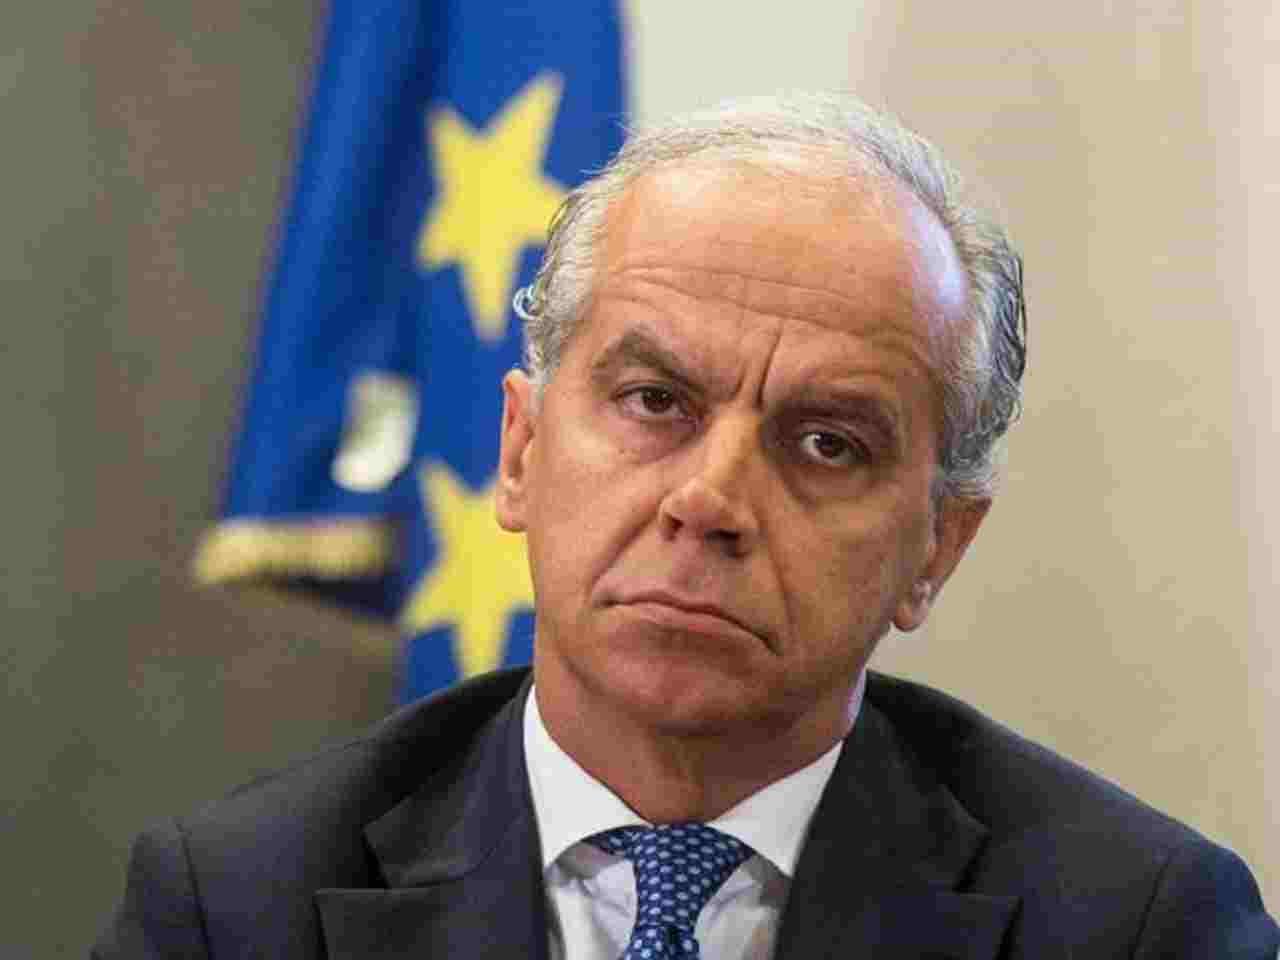 Matteo Piantedosi, prefetto della Capitale: interventi tempestivi sugli sgomberi